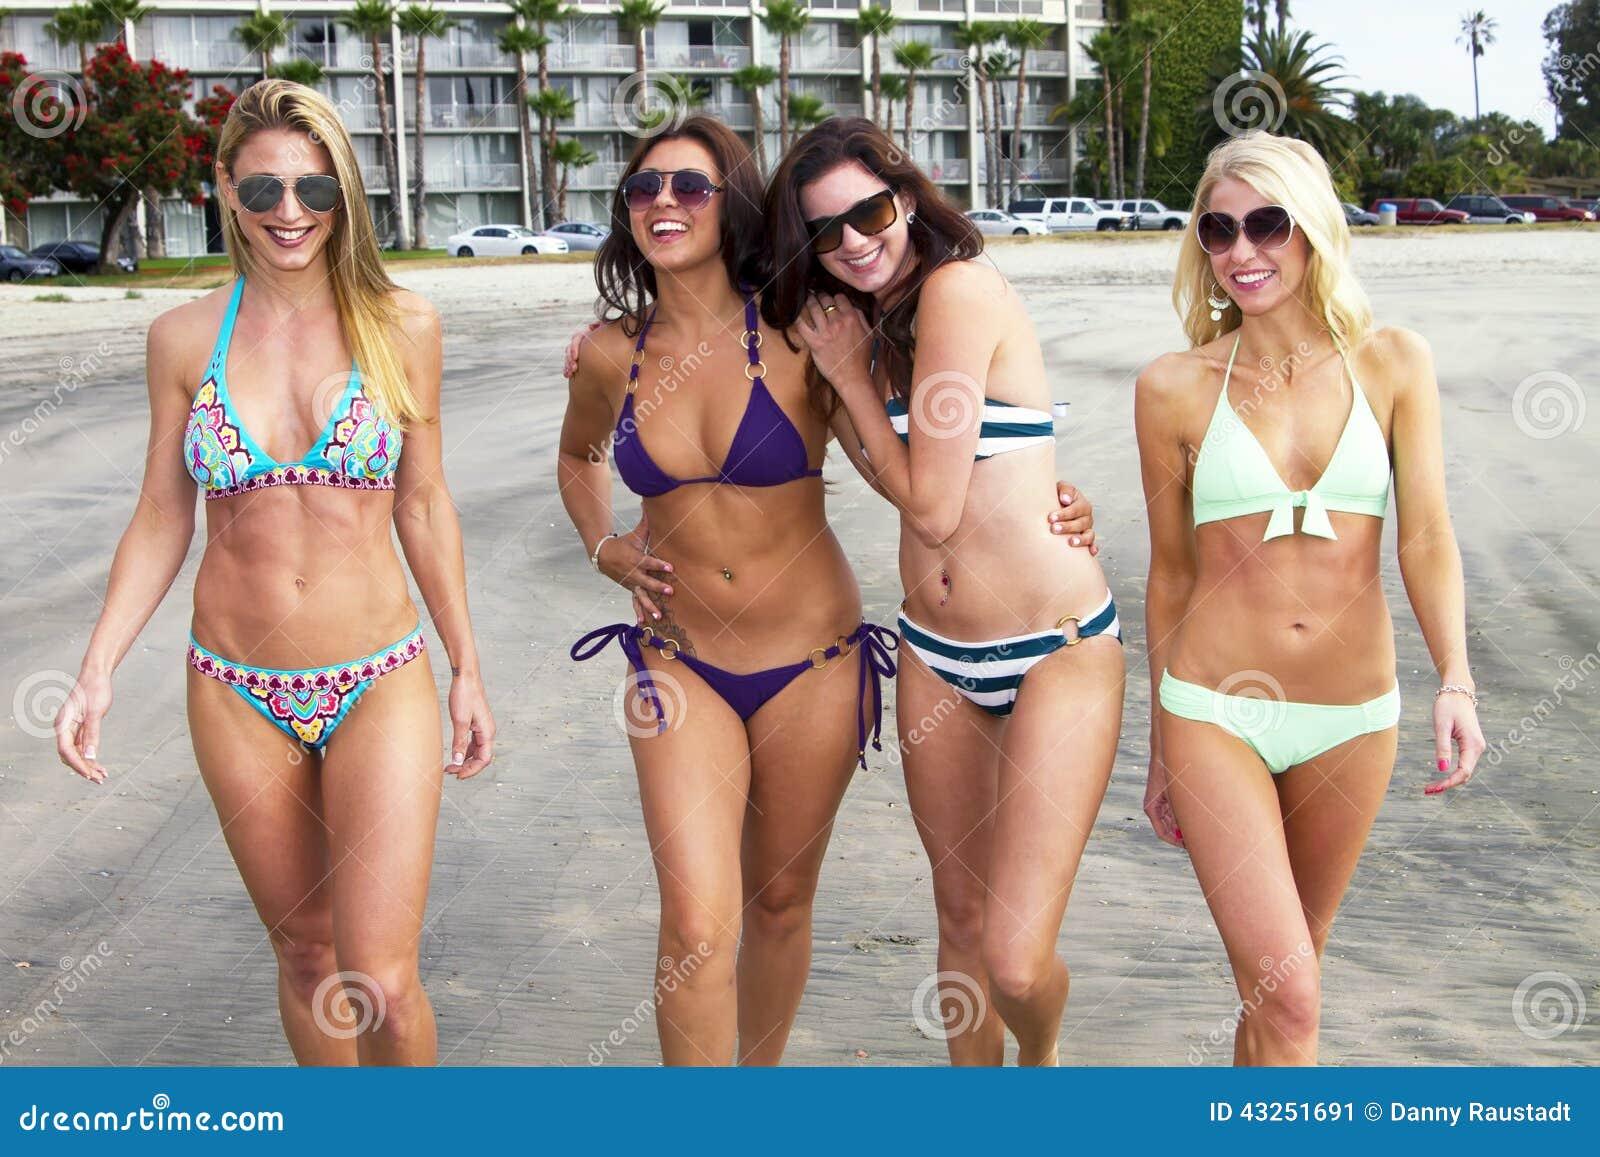 Chicas Buscando Hombres San Diego Vicioso Tesão Aveiro-38986